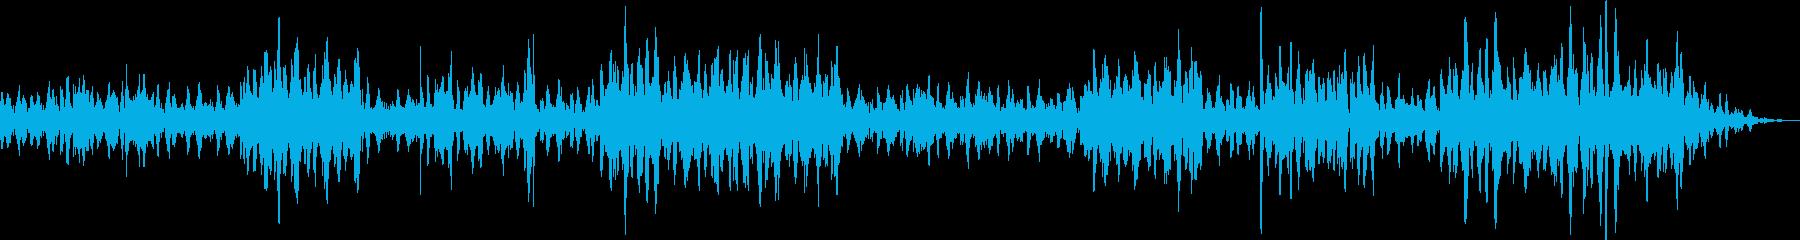 アルペジオが気持ちいいピアノソロの再生済みの波形